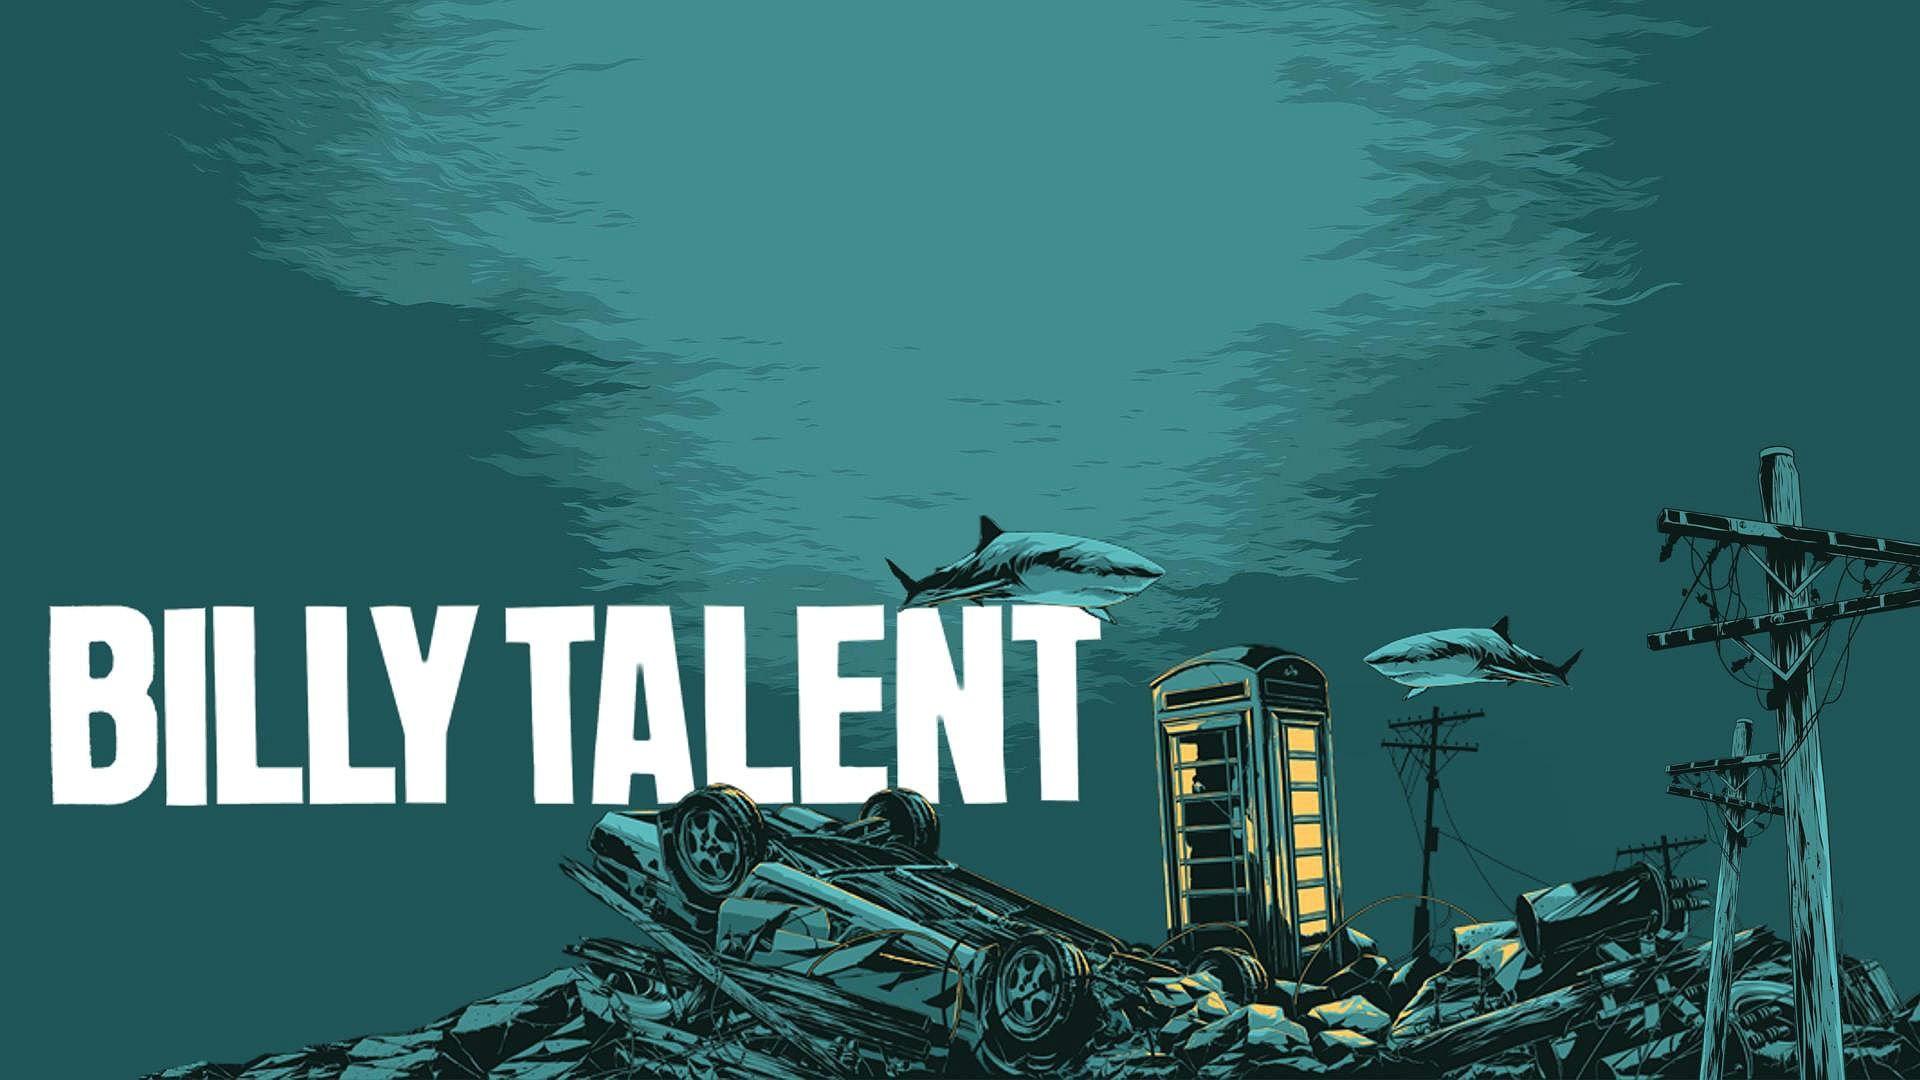 BILLY TALENT punk rock hardcore alternative 1billytalent canadian poster  shark wallpaper | | 573922 | WallpaperUP